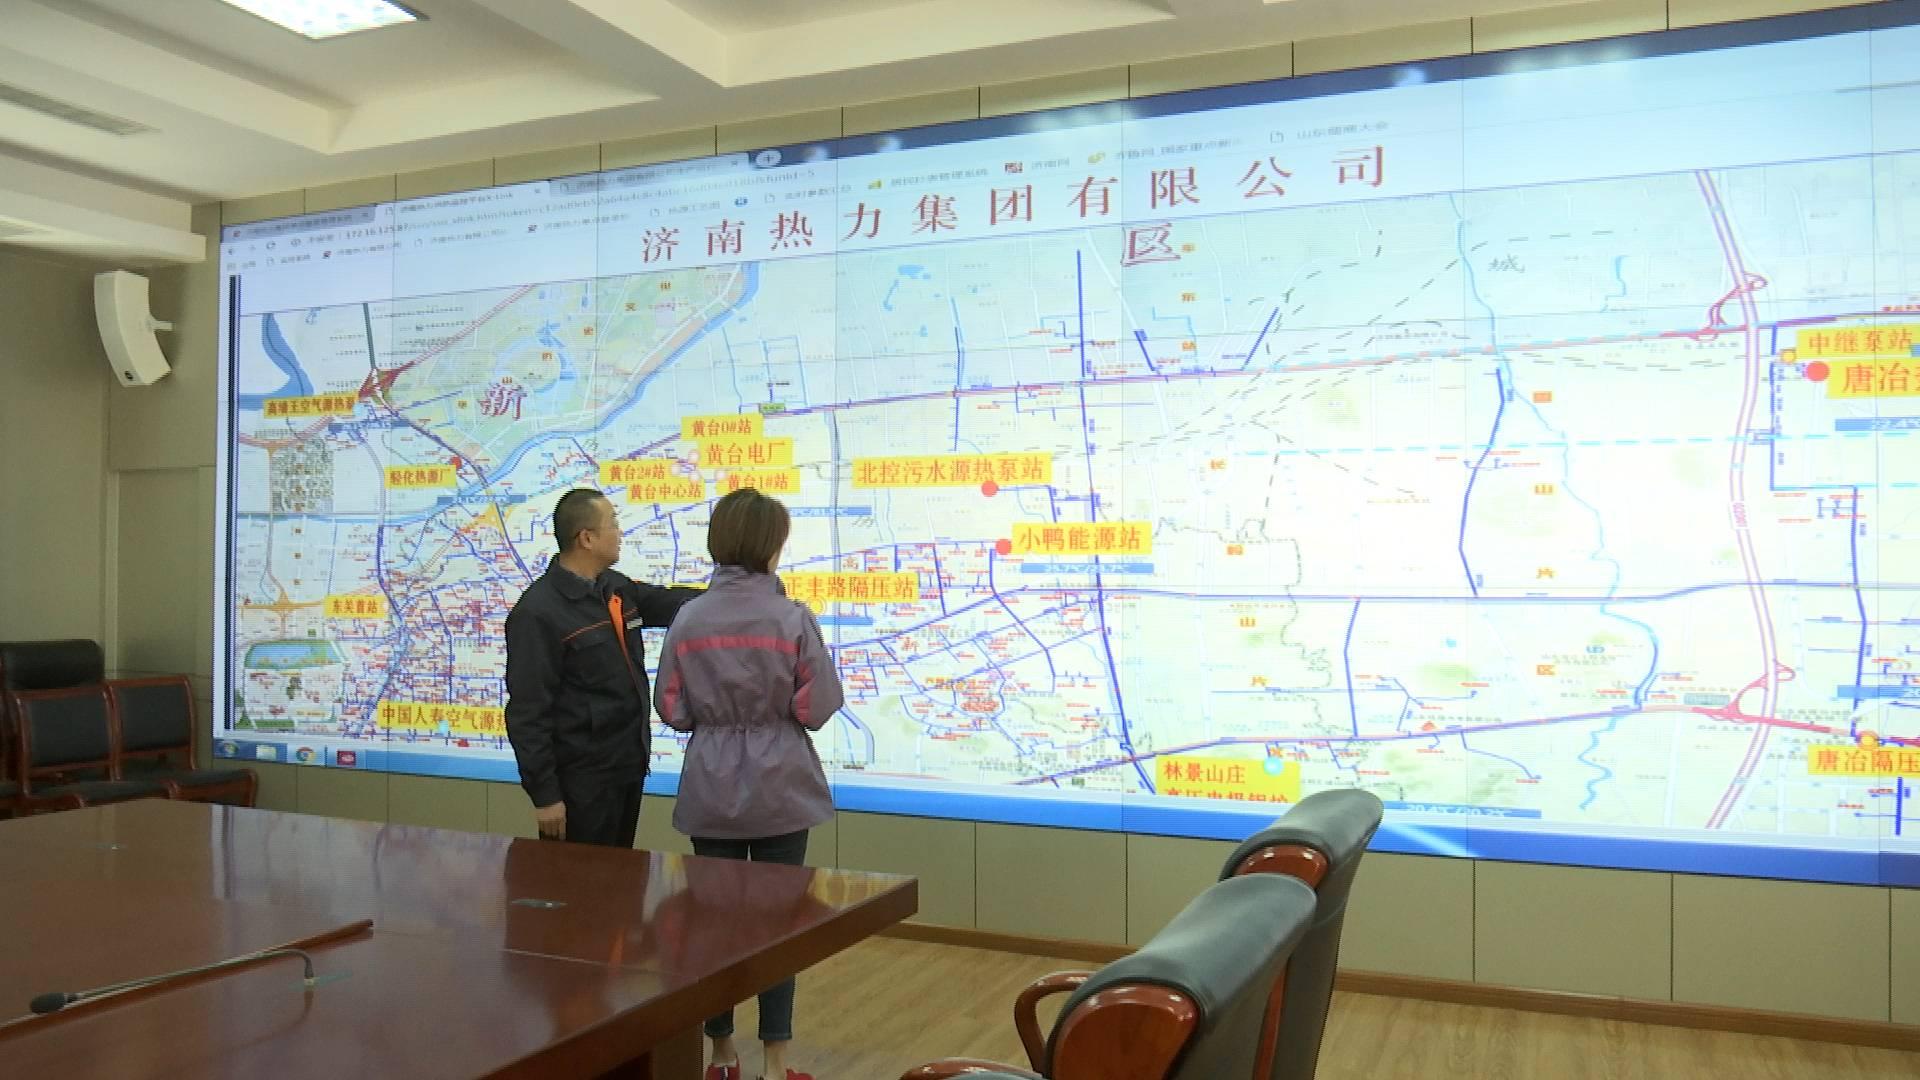 济南东城开始供暖冷运调试 11月1号具备点炉条件